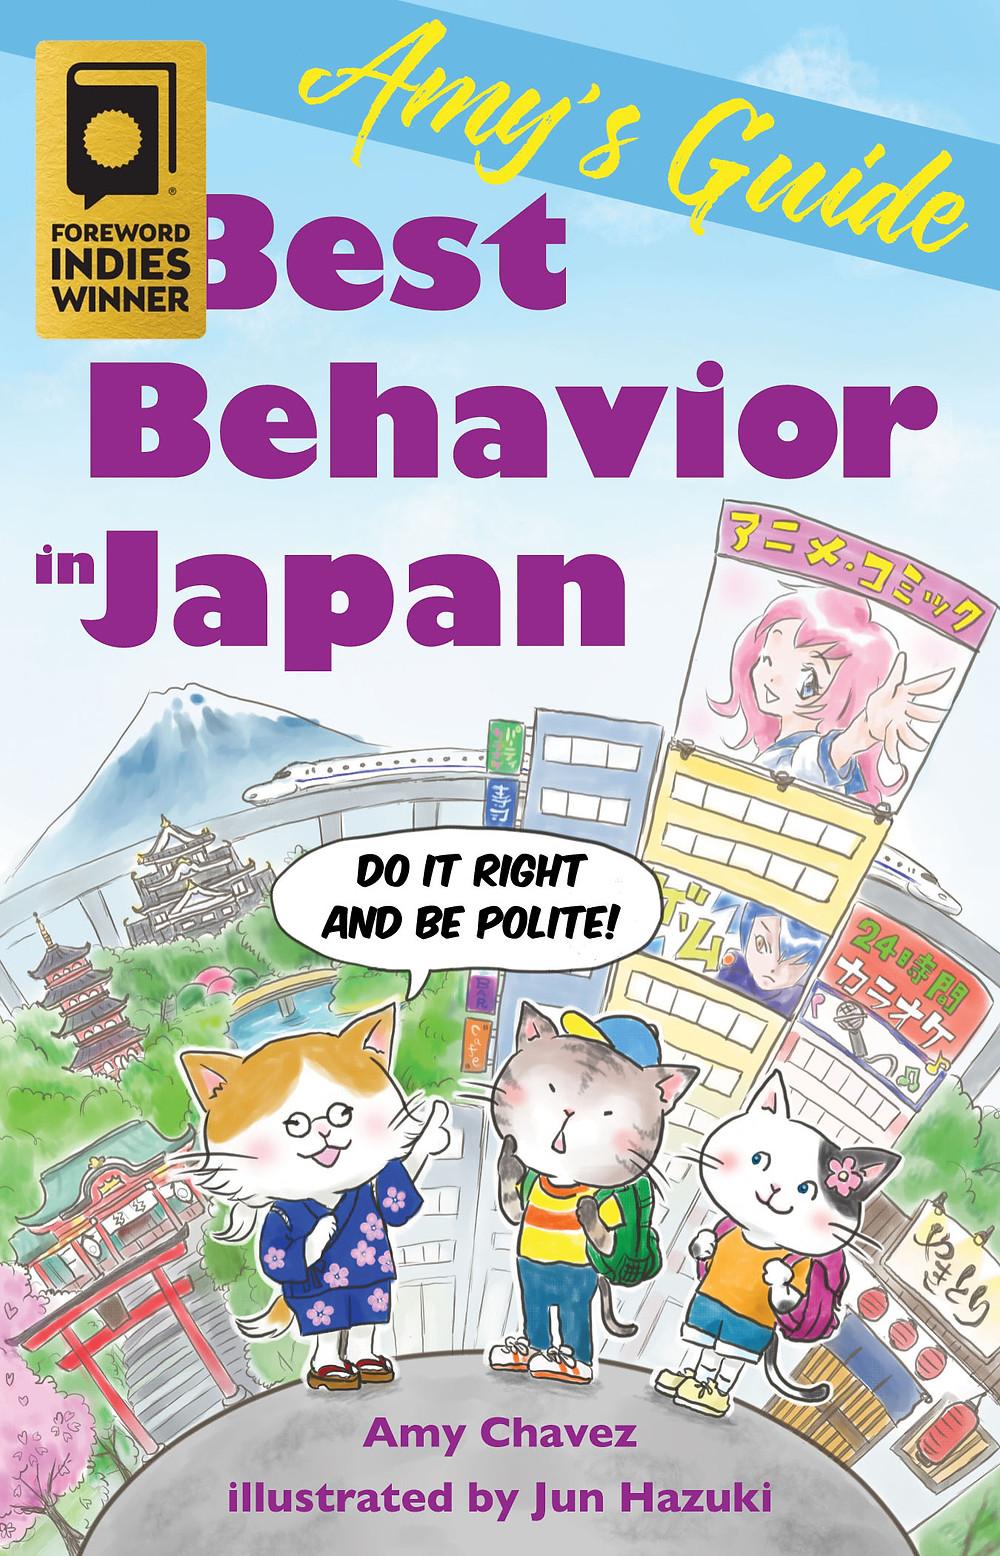 /images/blog/Amys-Guide-to-Best-Behavior-in-Japan foreword indies winner.jpg